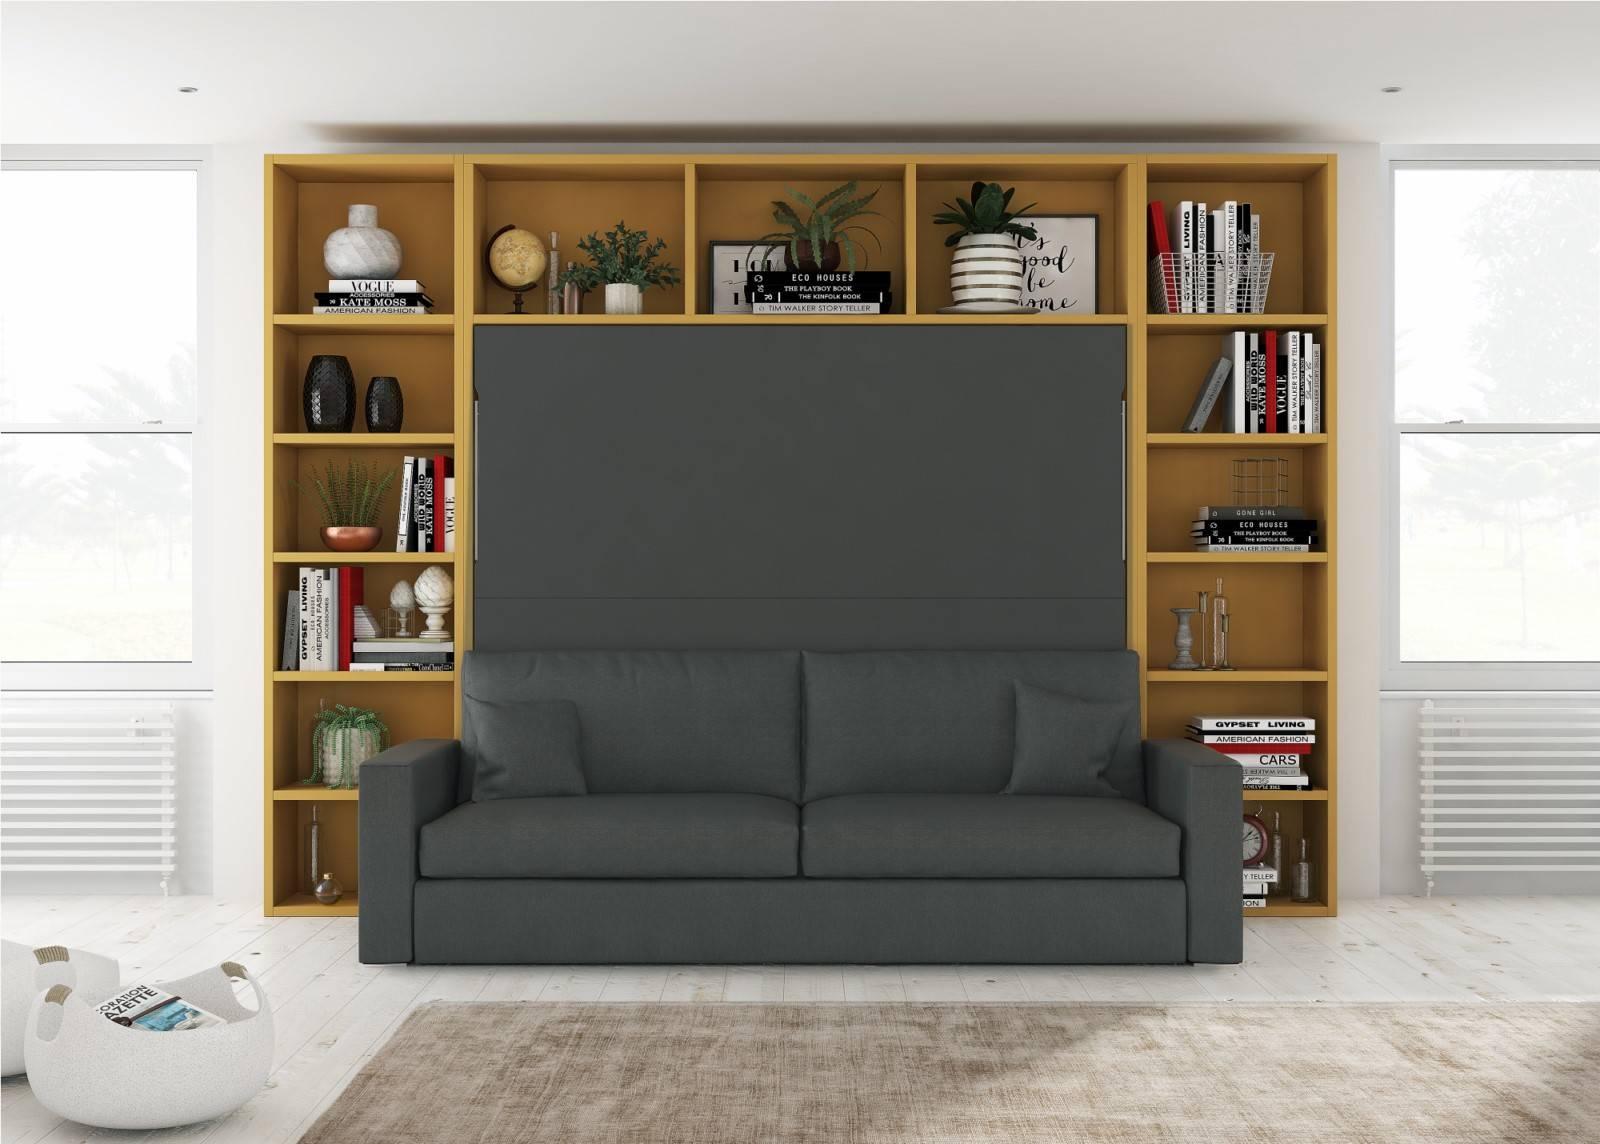 Armoire Gain De Place lit escamotable horizontal avec canapÉ intégré modèle